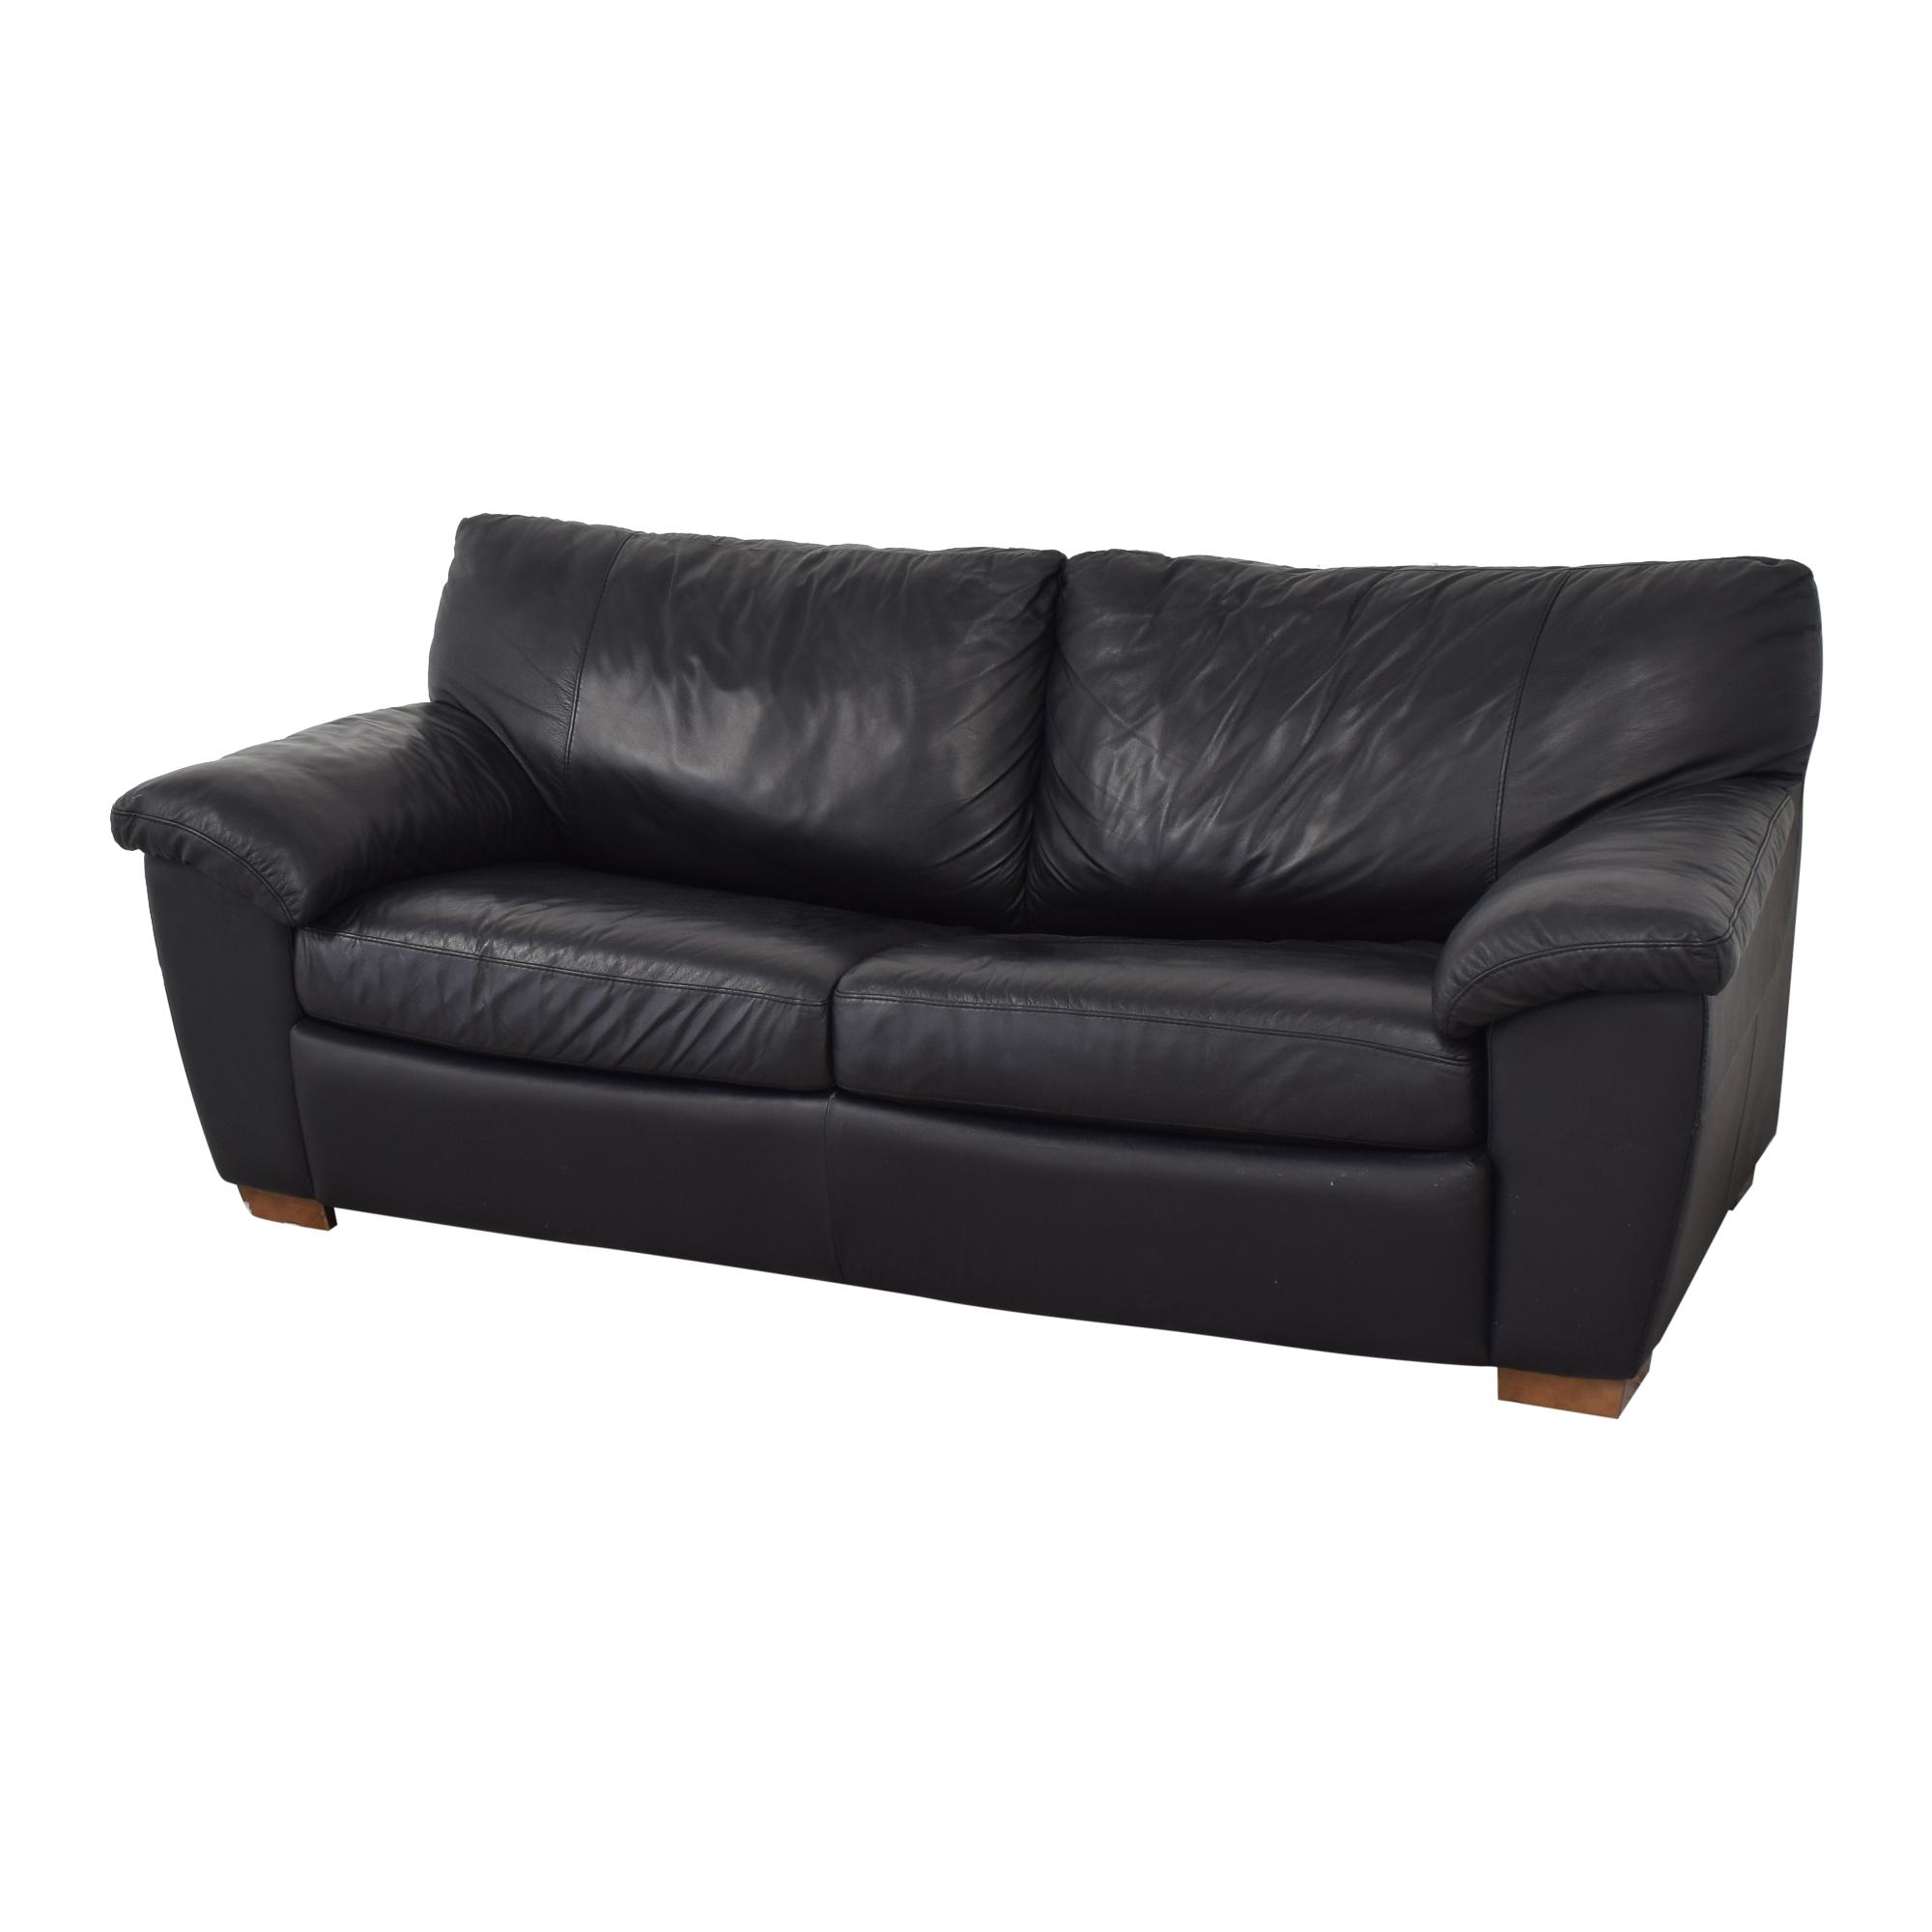 IKEA IKEA Vreta Pull Out Sofa Bed for sale